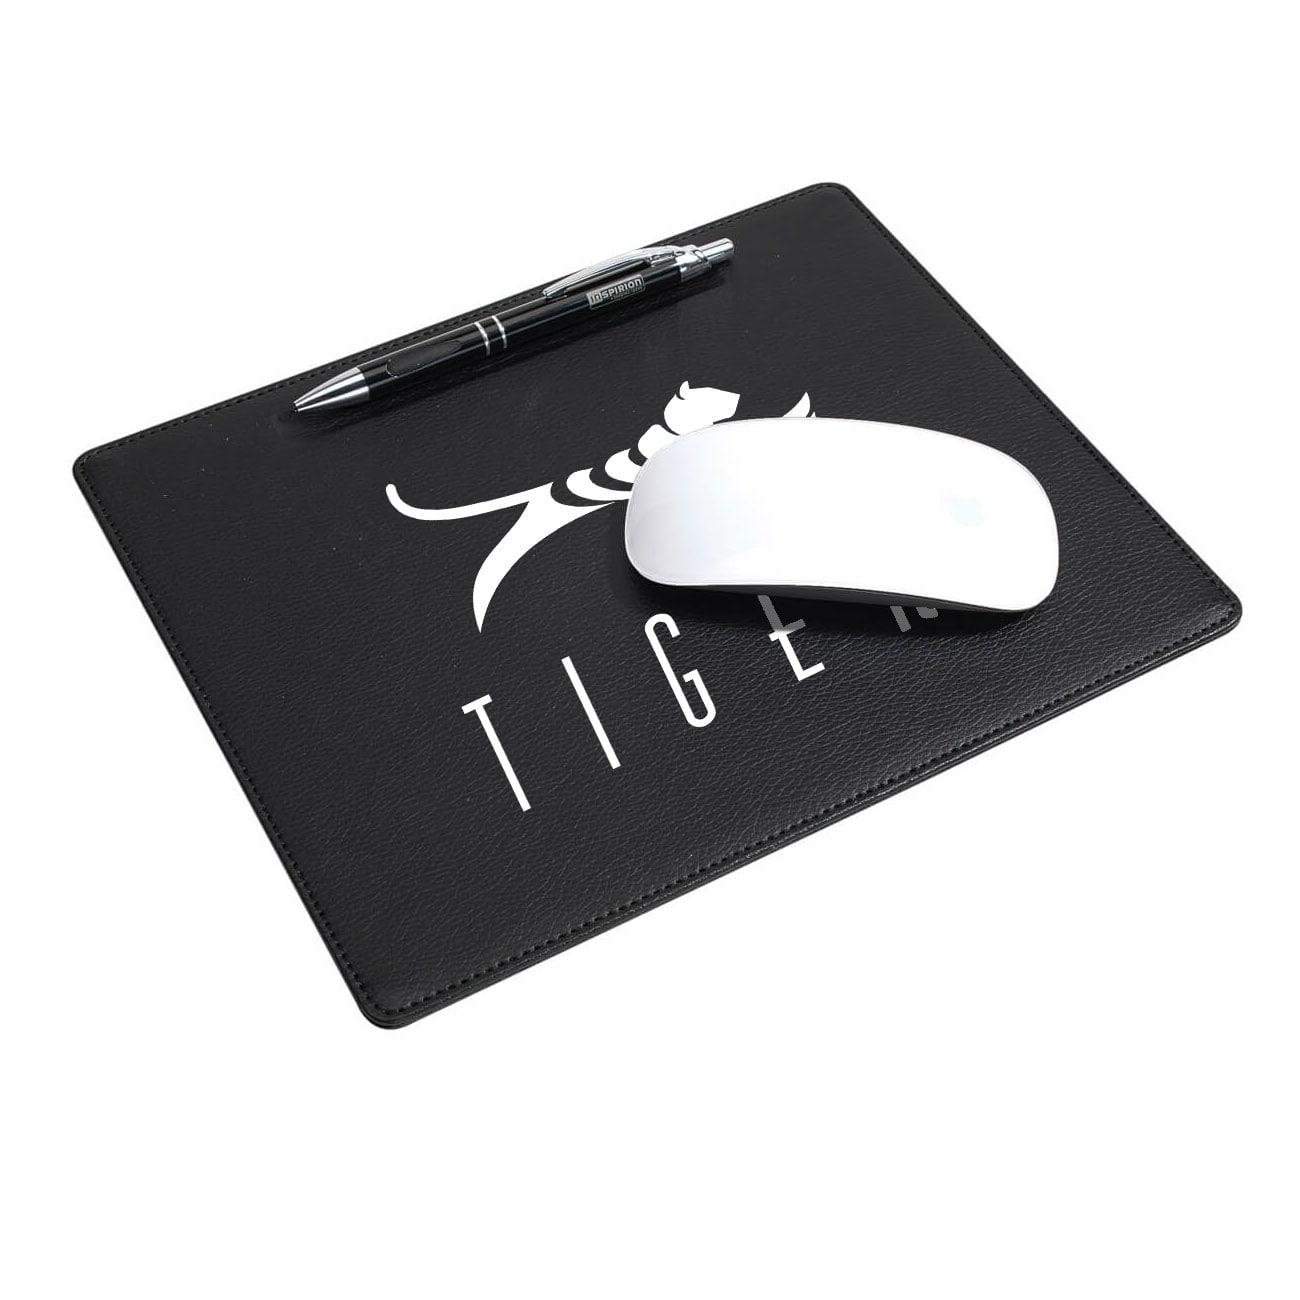 Image de 100 pcs. Tapis de souris personnalisé Tapis de souris Renfoncement pour stylo à bille Ultra mince